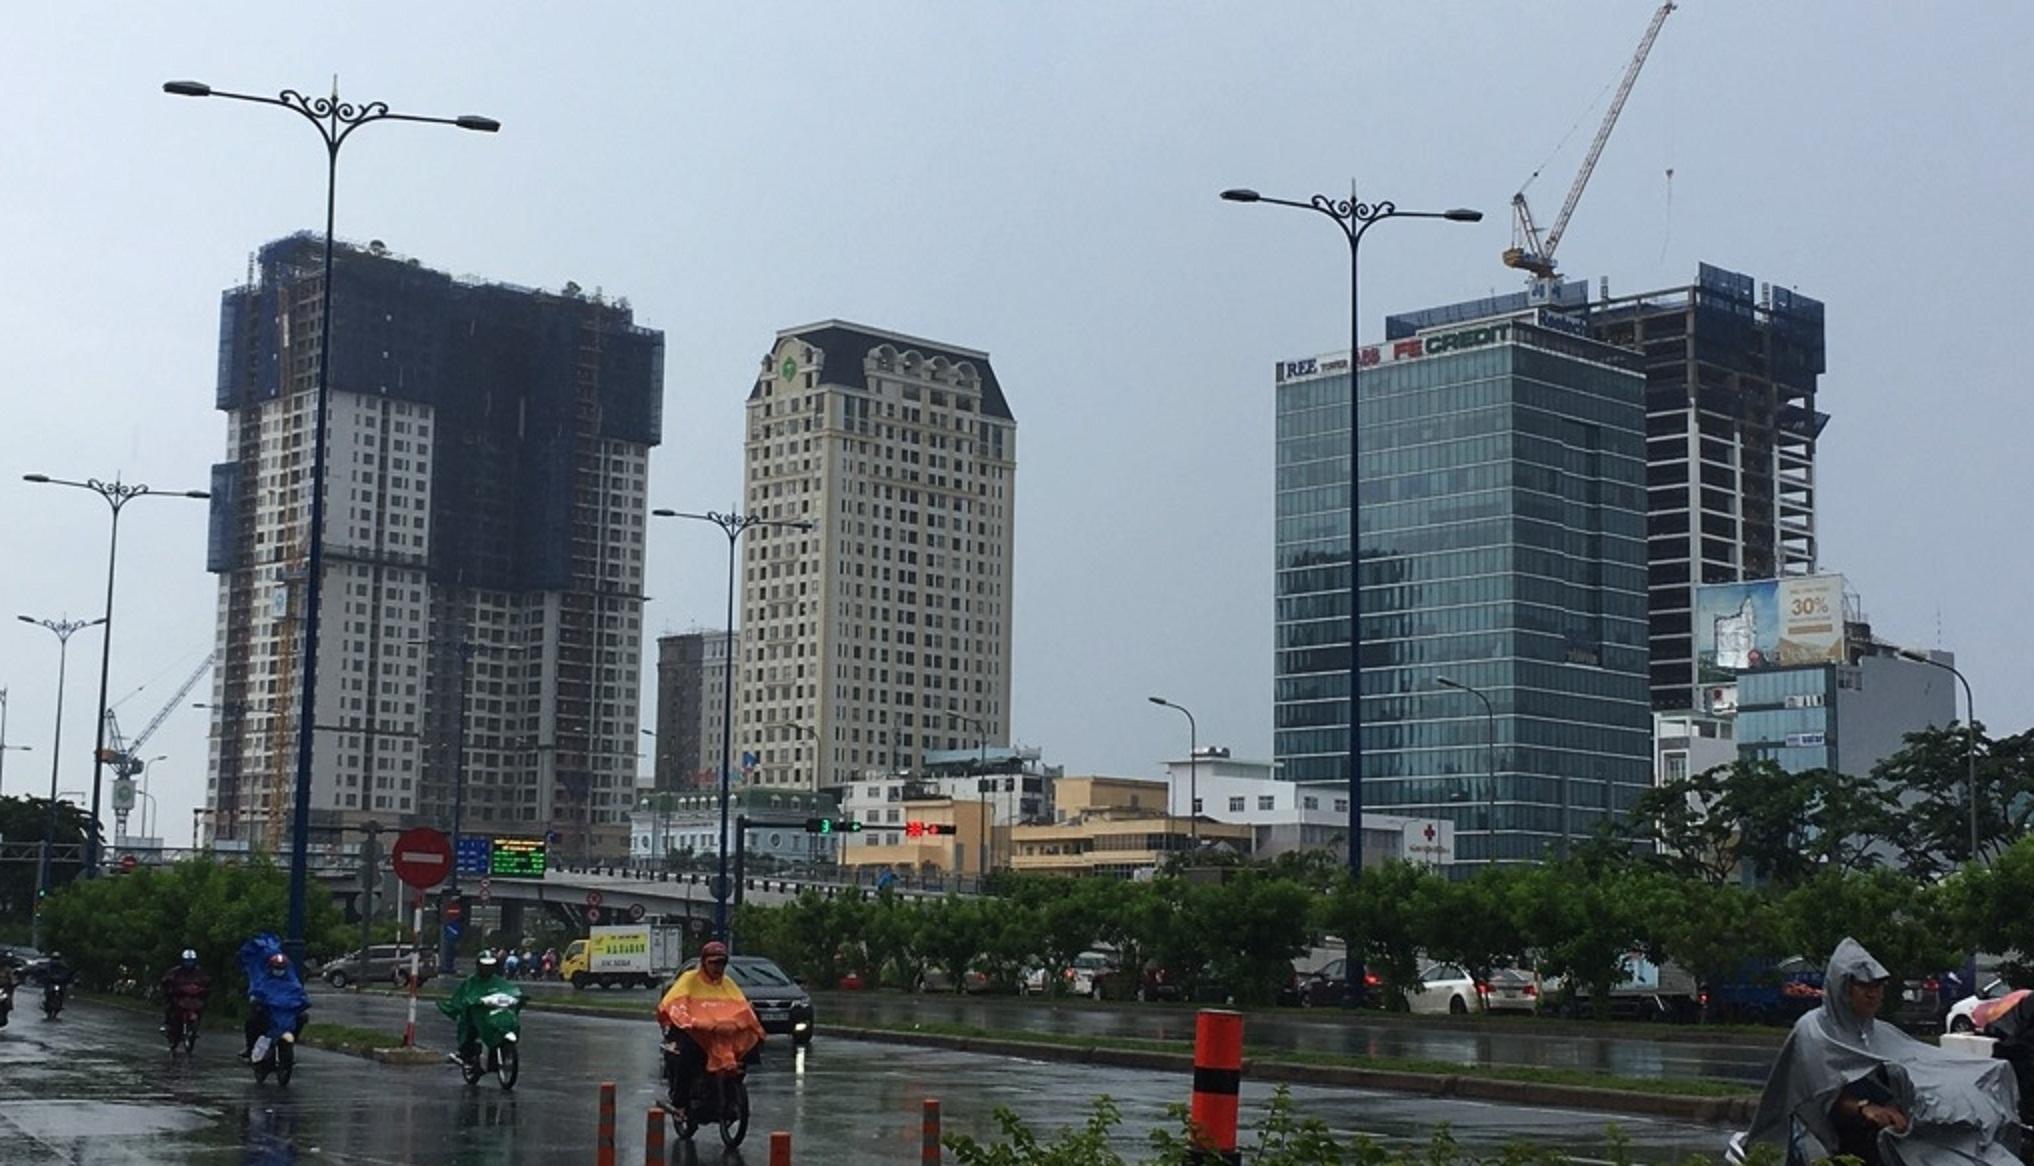 Kinh doanh - Mục sở thị hàng loạt cao ốc 'bóp nghẹt' nội đô Sài thành (Hình 2).